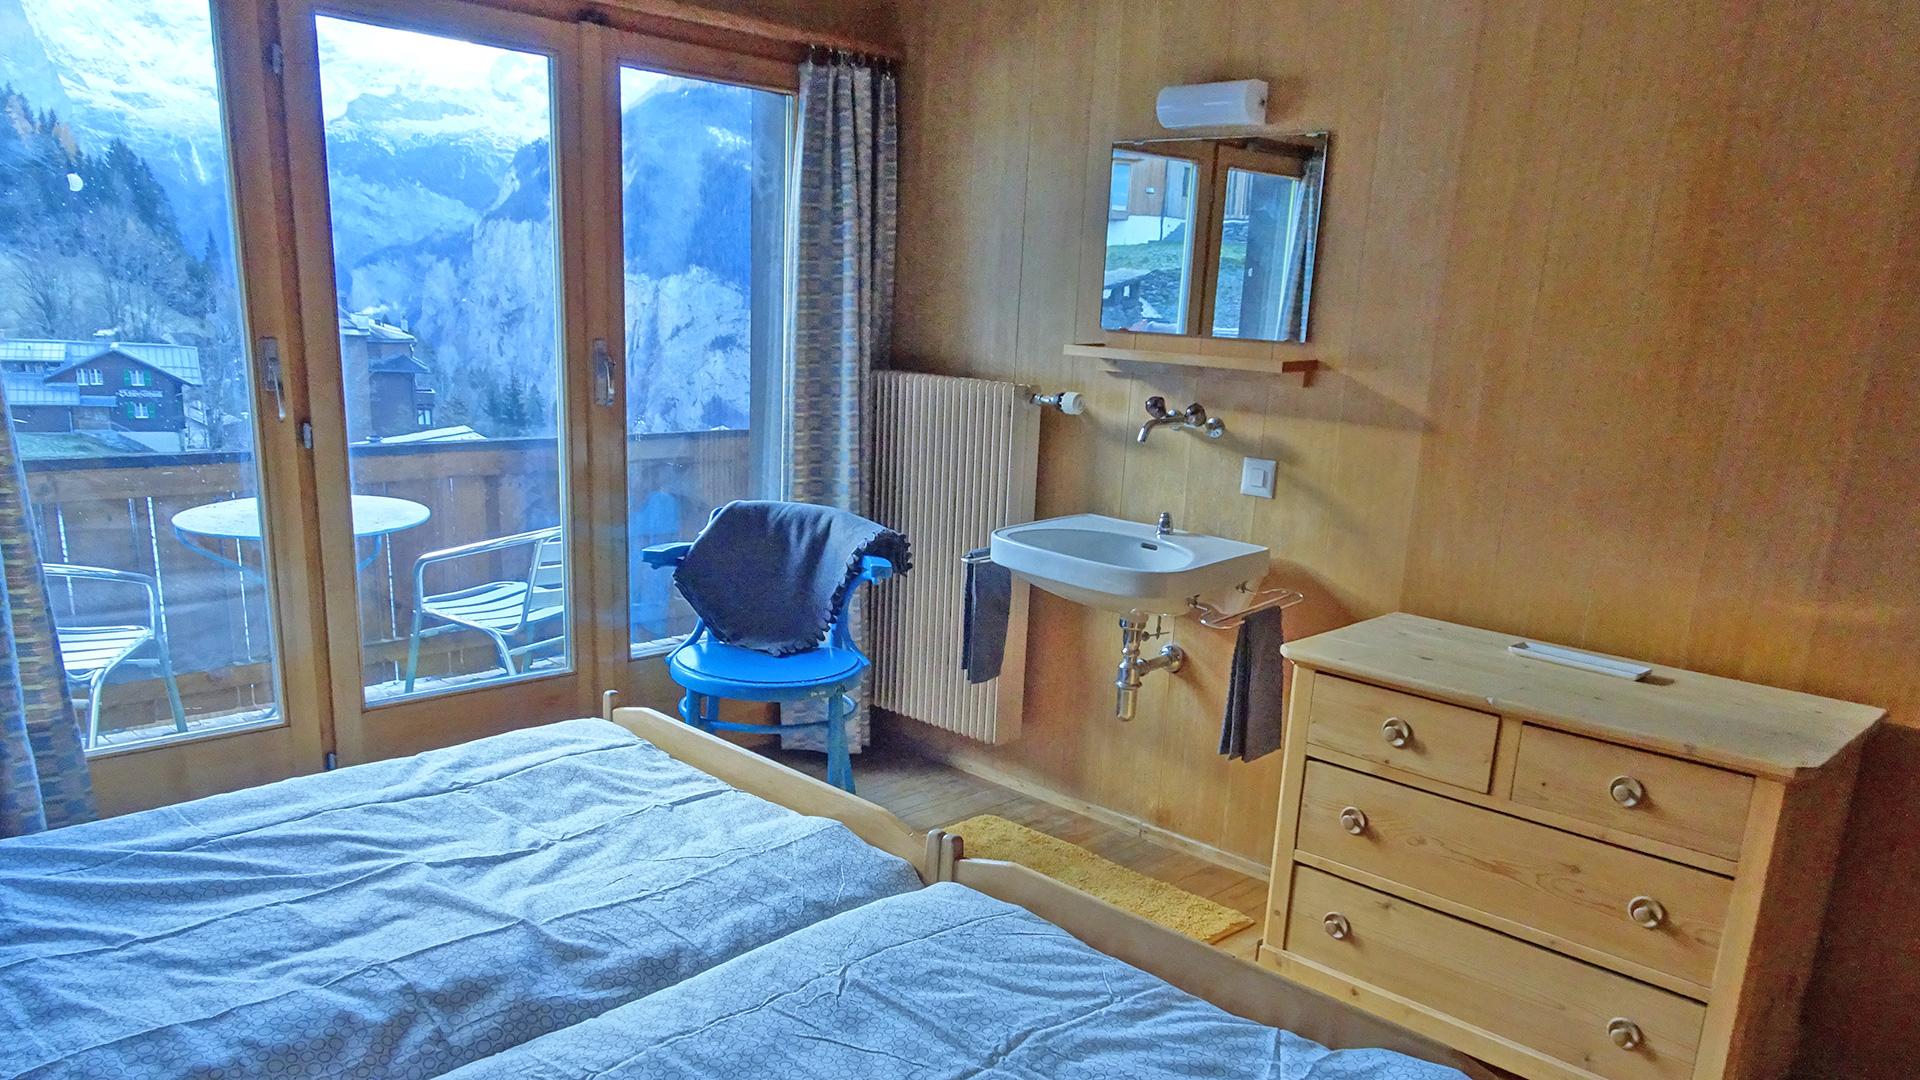 Chalet Anita Chalet, Switzerland